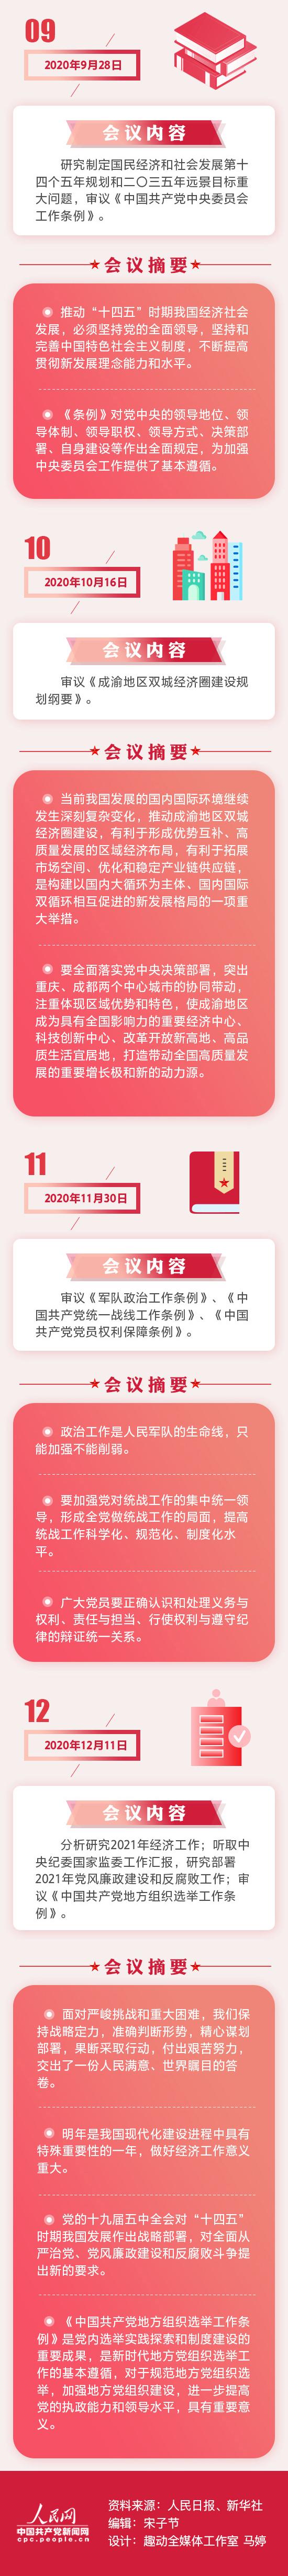 《【万和城注册首页】2020年中共中央政治局会议研究部署哪些大事?》